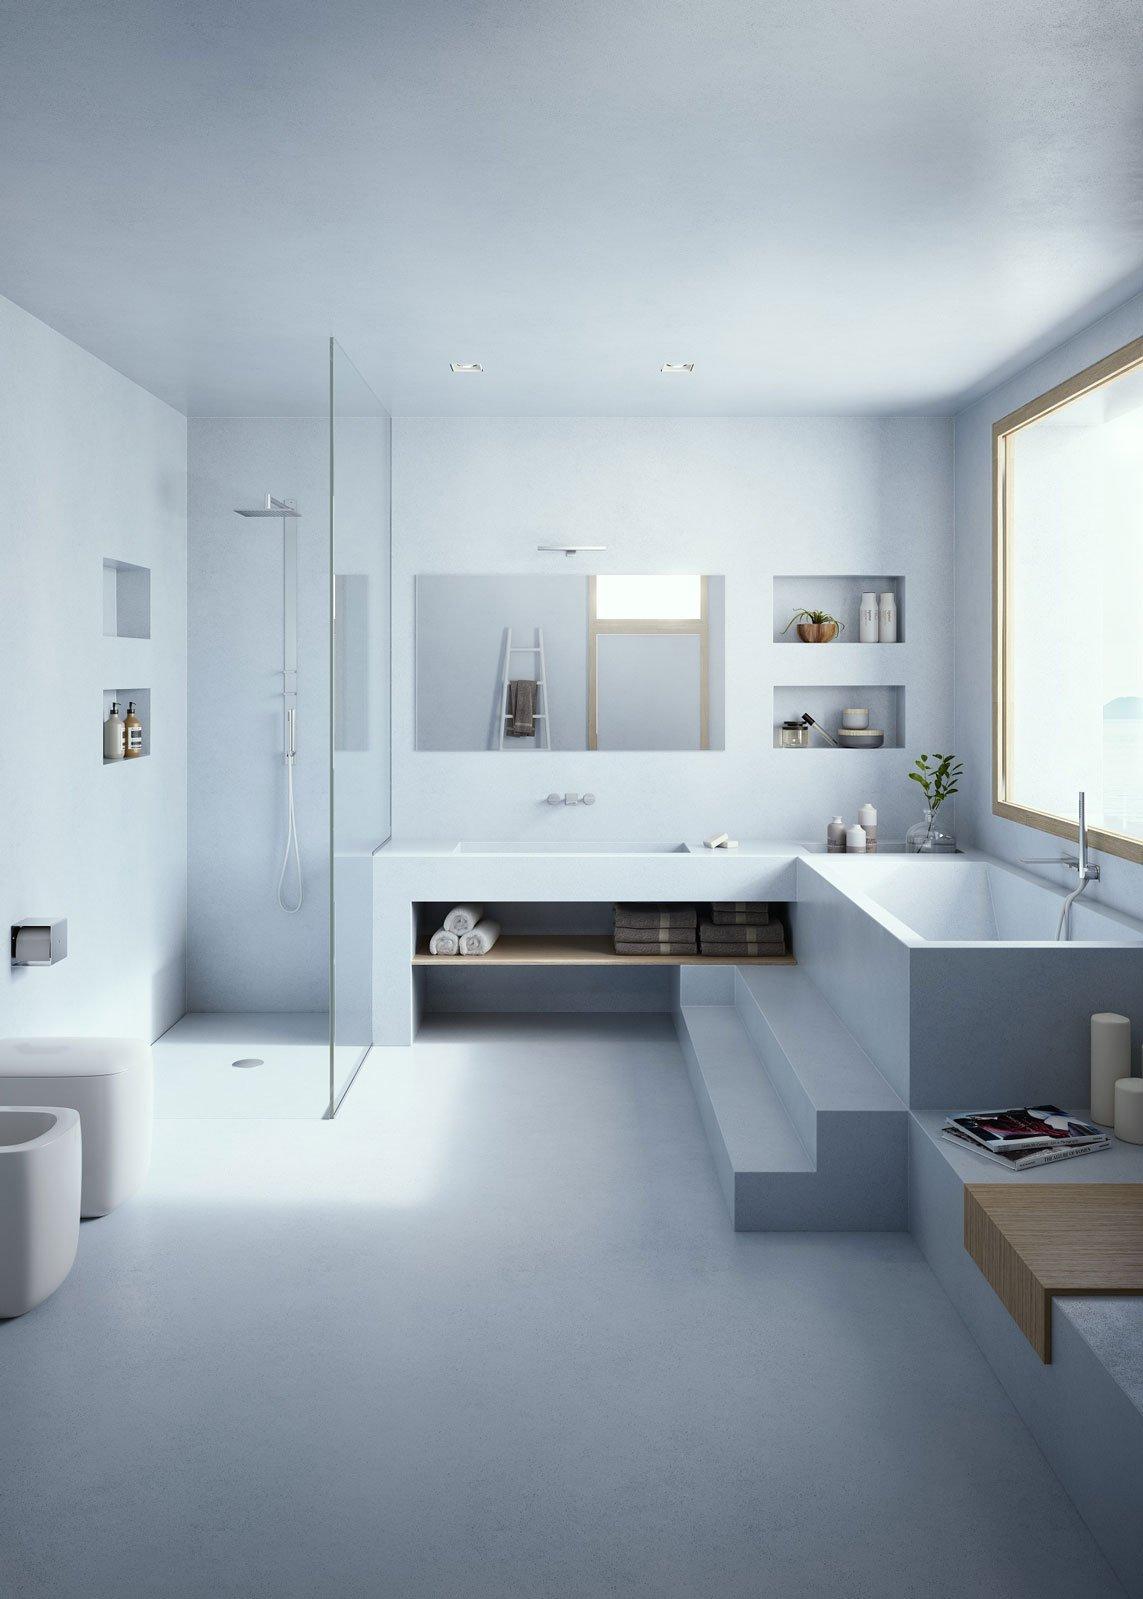 Cose di casa arredamento casa cucine camere bagno normativa - Togliere piastrelle bagno ...